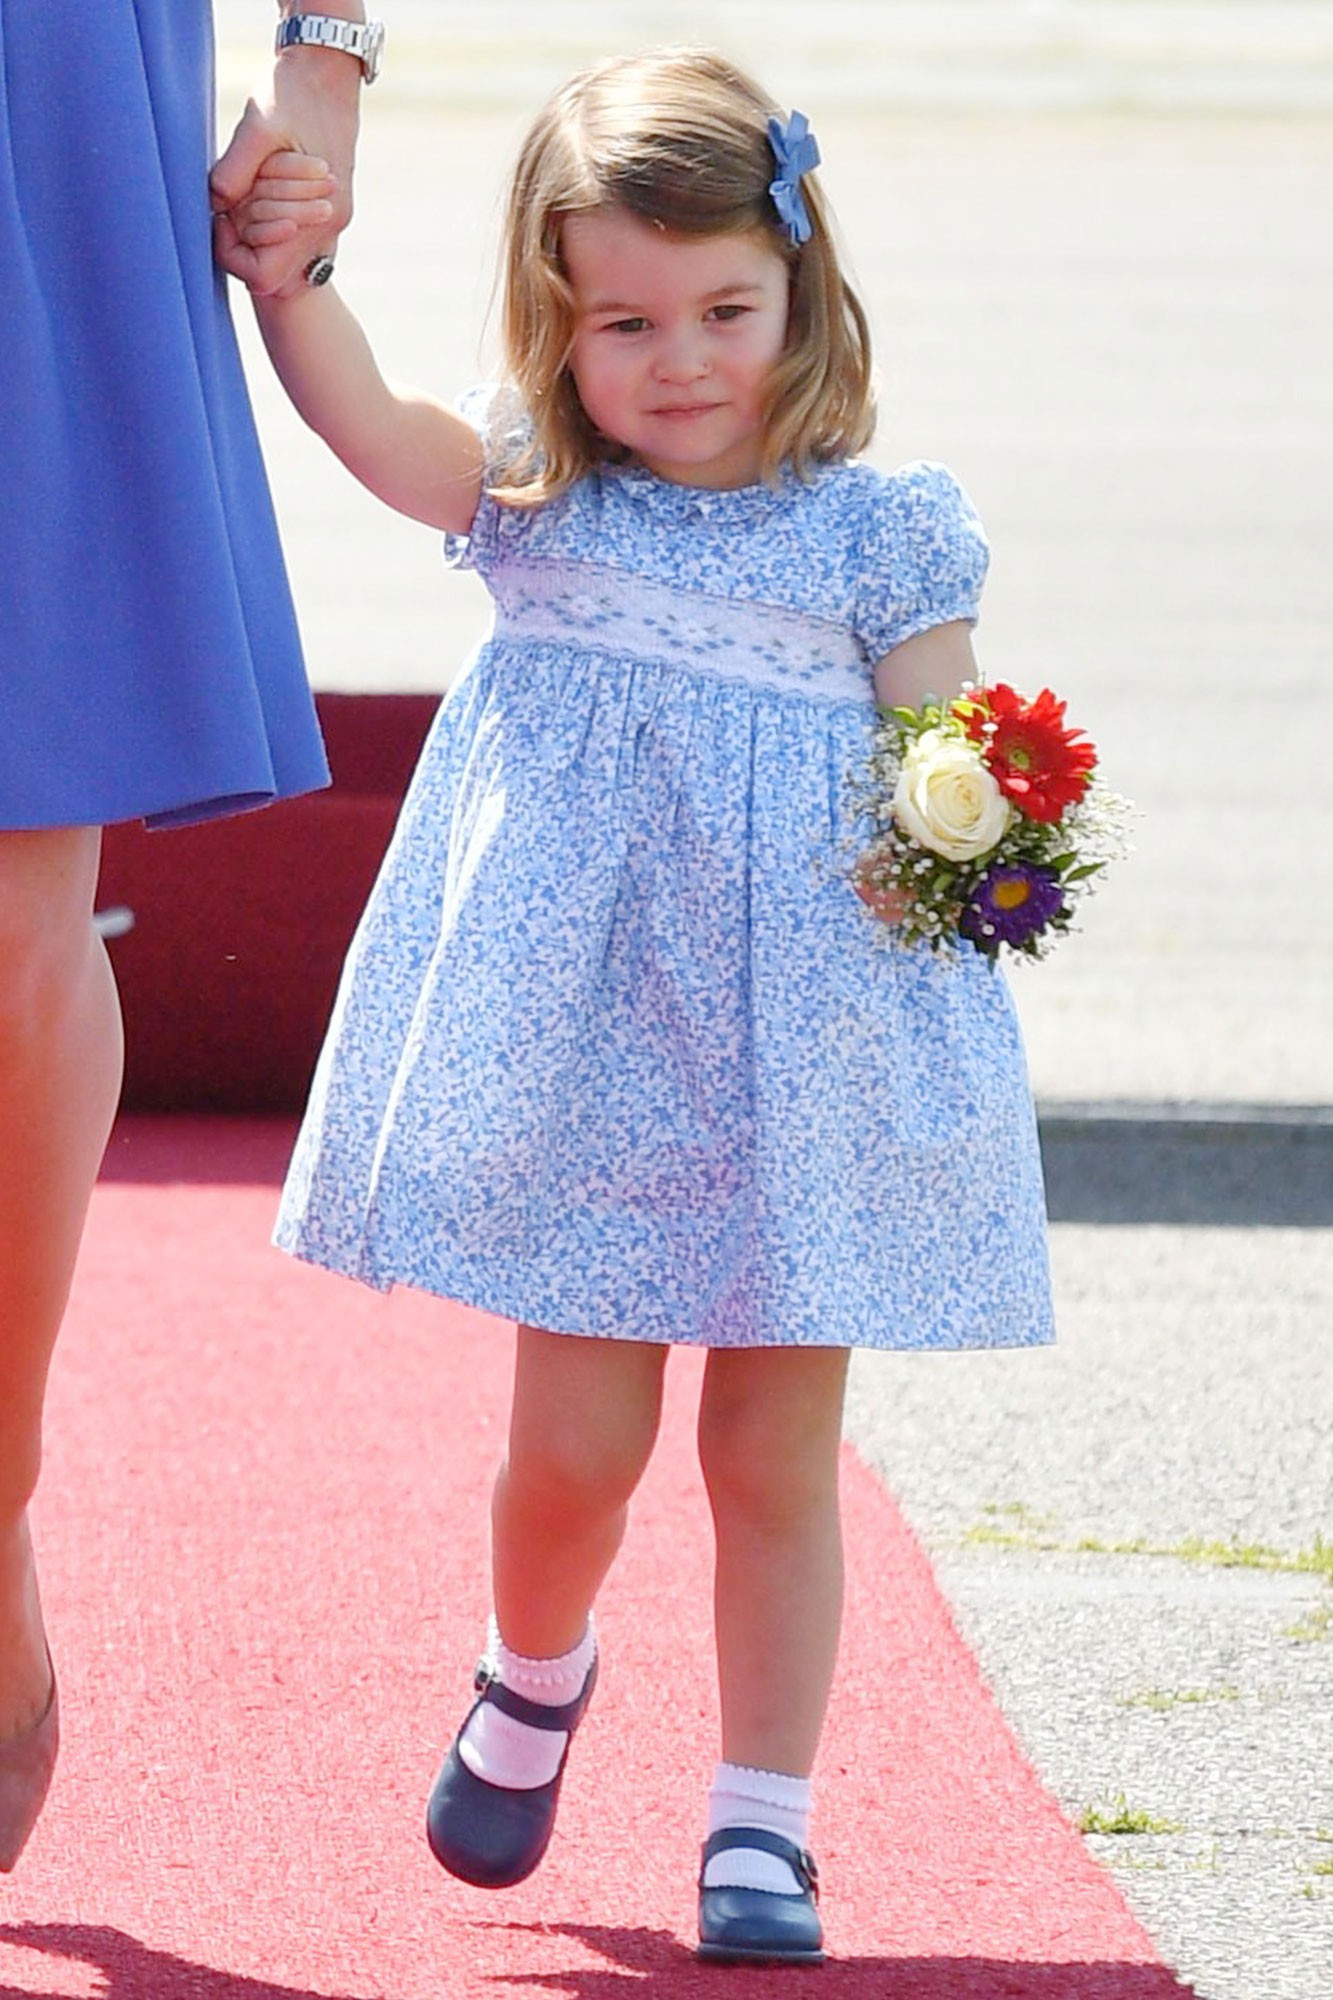 Lý do tại sao công chúa Charlotte chỉ luôn mặc váy hóa ra lại đơn giản thế này - Ảnh 2.